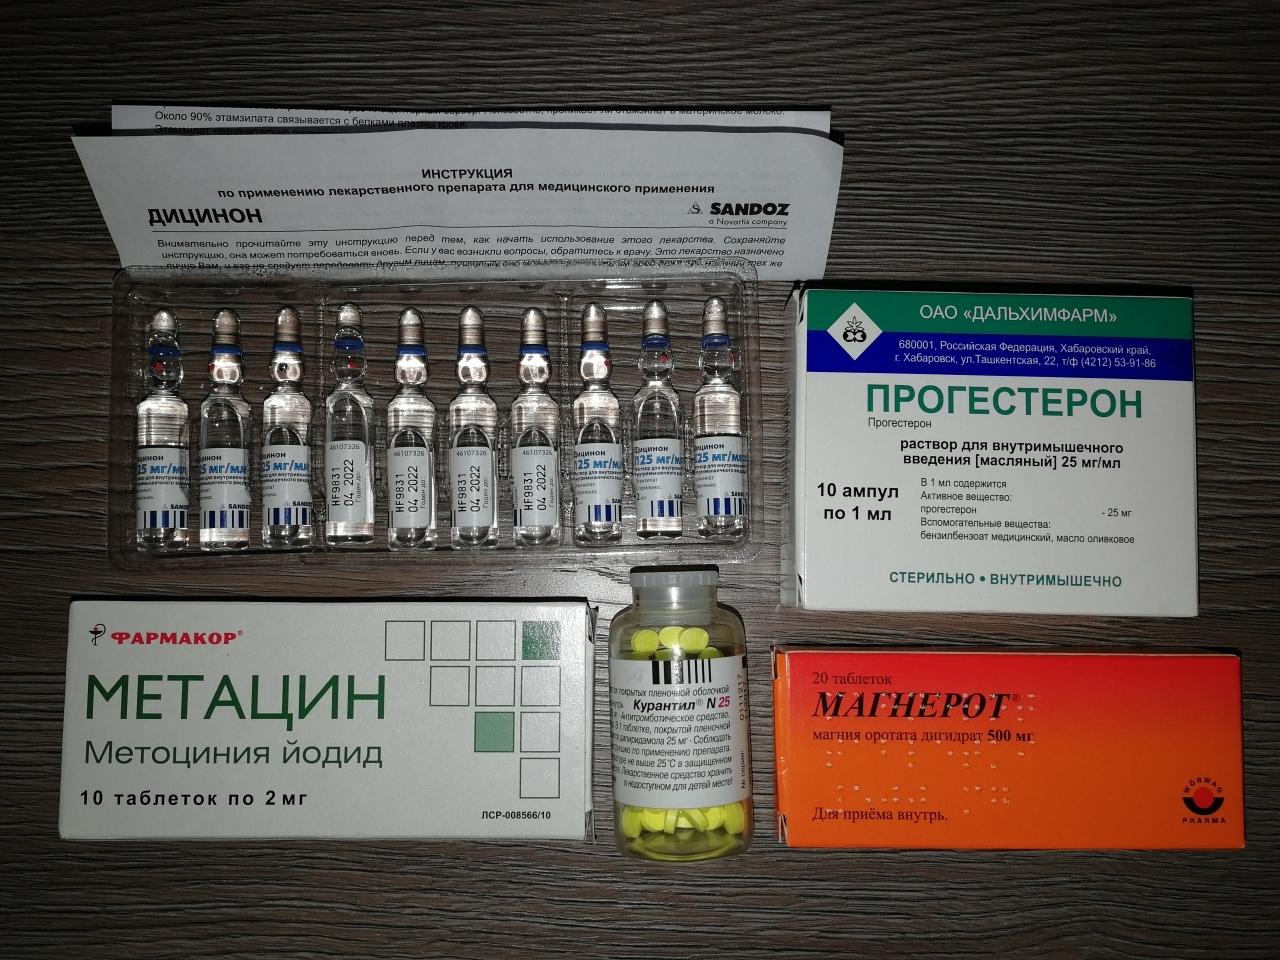 Утрожестан для профилактики при беременности? - утрожестан отзывы при беременности - запись пользователя *masik* (id760360) в сообществе питание, витамины для беременных - babyblog.ru